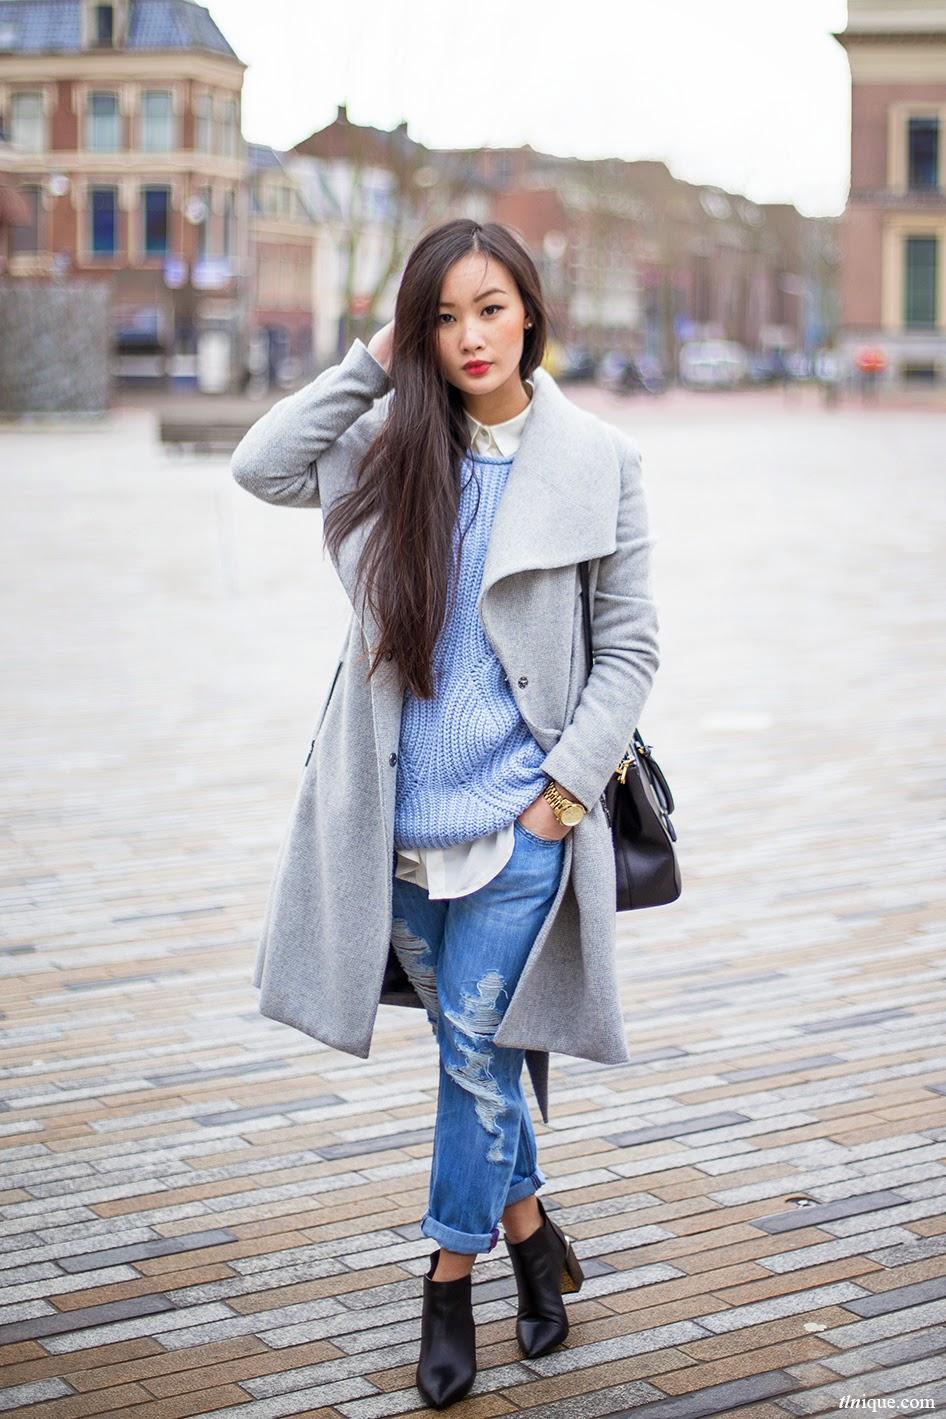 conjuntos u outfits con botines preciosos mujer tendencias